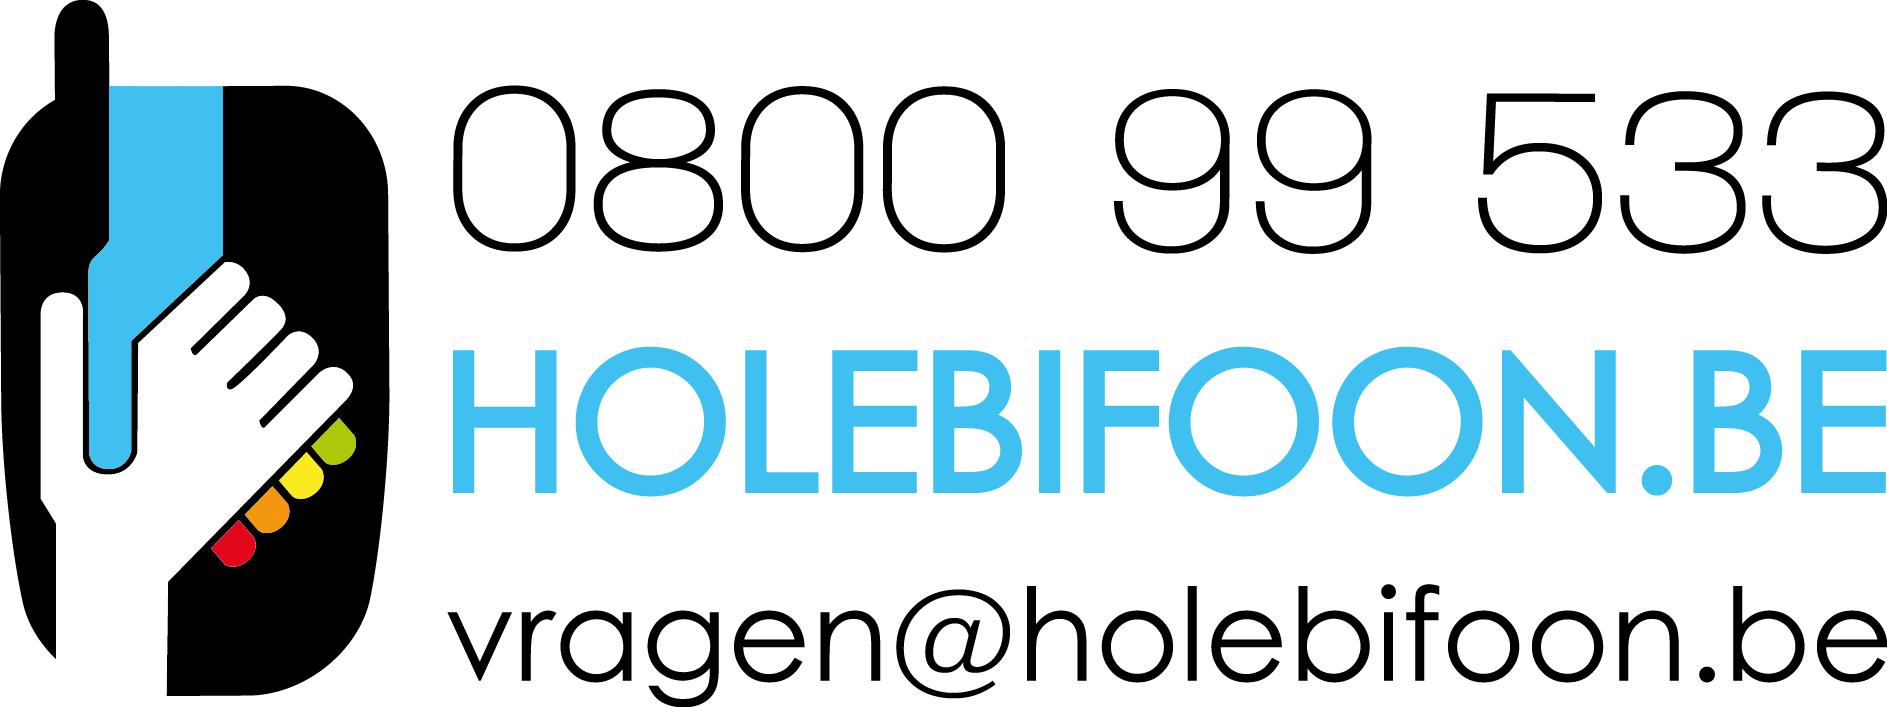 holebifoon Opvang- en infolijn voor iedereen met vragen over holebiseksualiteit. Ook een meldpunt voor discriminatie. Je kan er anoniem en gratis je verhaal, vragen, vreugde, verdriet kwijt. Contacteer hen via telefoon, chat of mail.